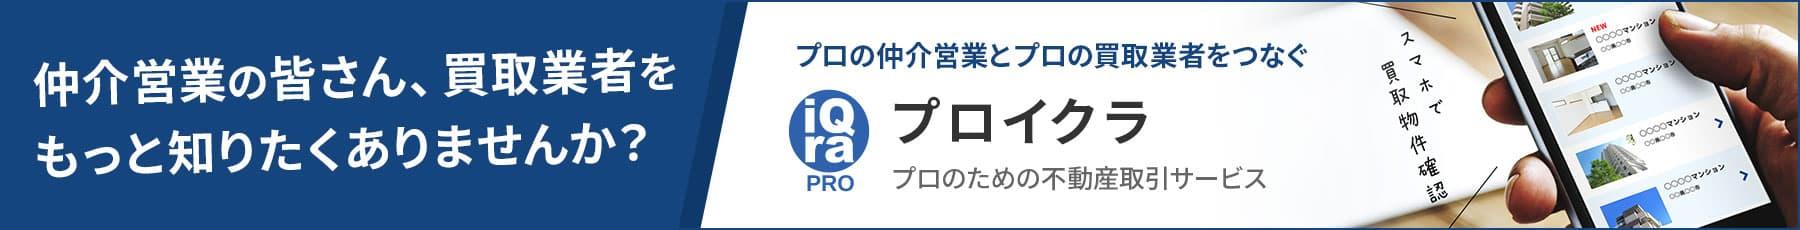 プロイクラは、プロの仲介営業とプロの買取業者をつなぐプロの不動産屋さんのためのサービスです。